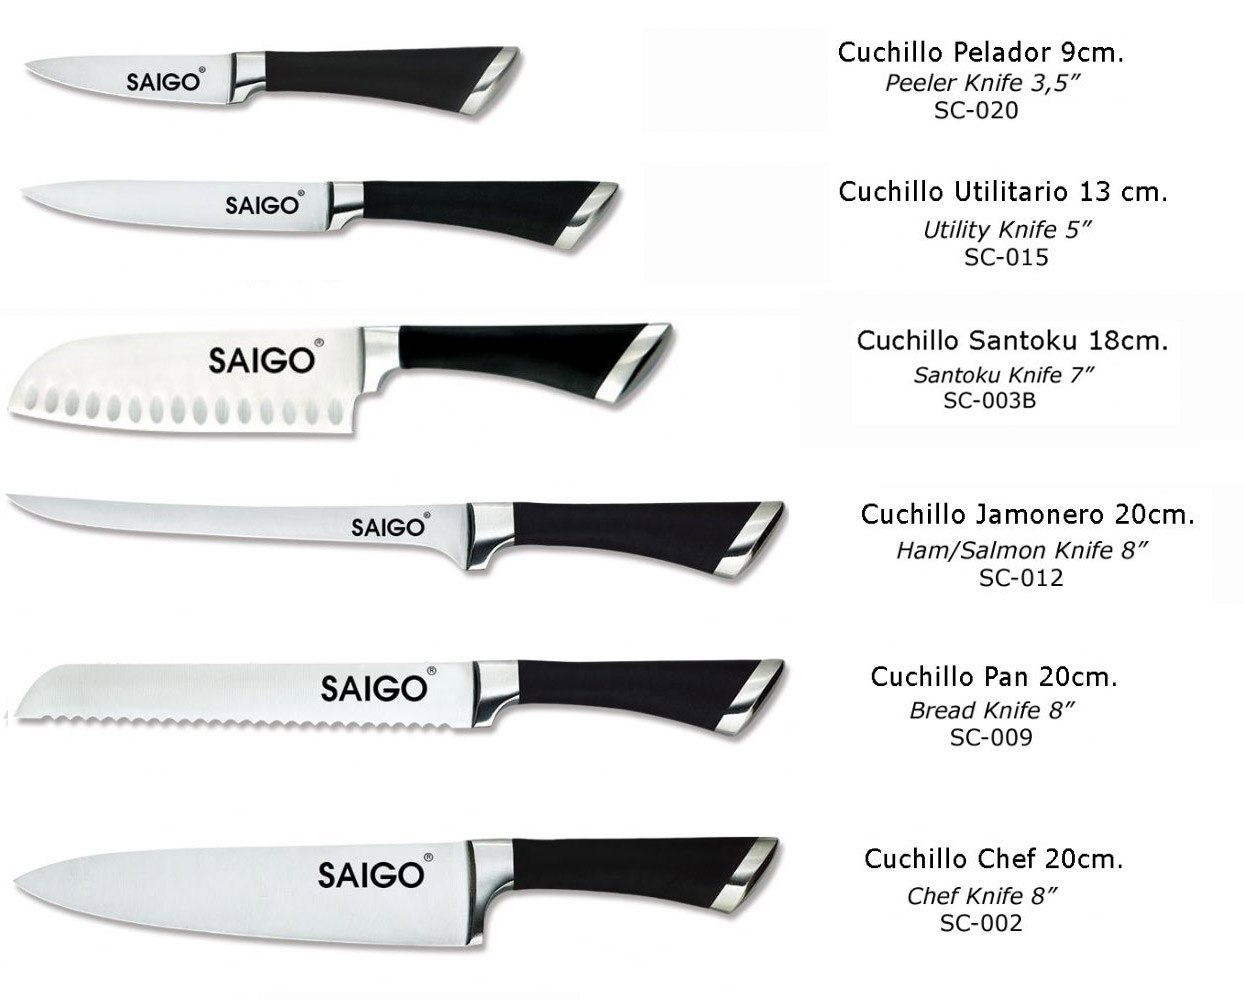 Cuchillos de cocina cuchillos cocina combo for Cuchillos cocina